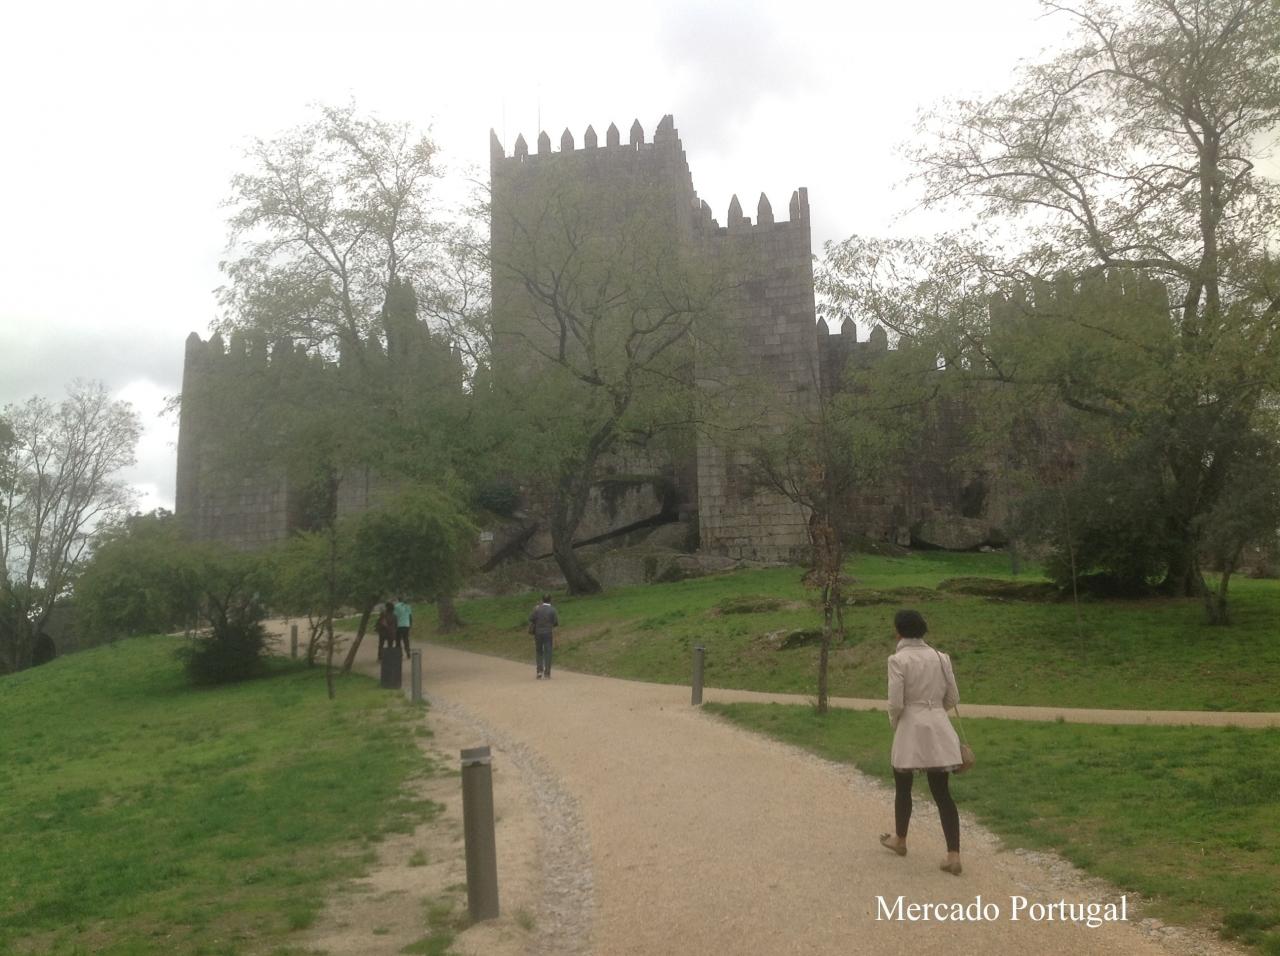 959年に建設されたギマランイス城